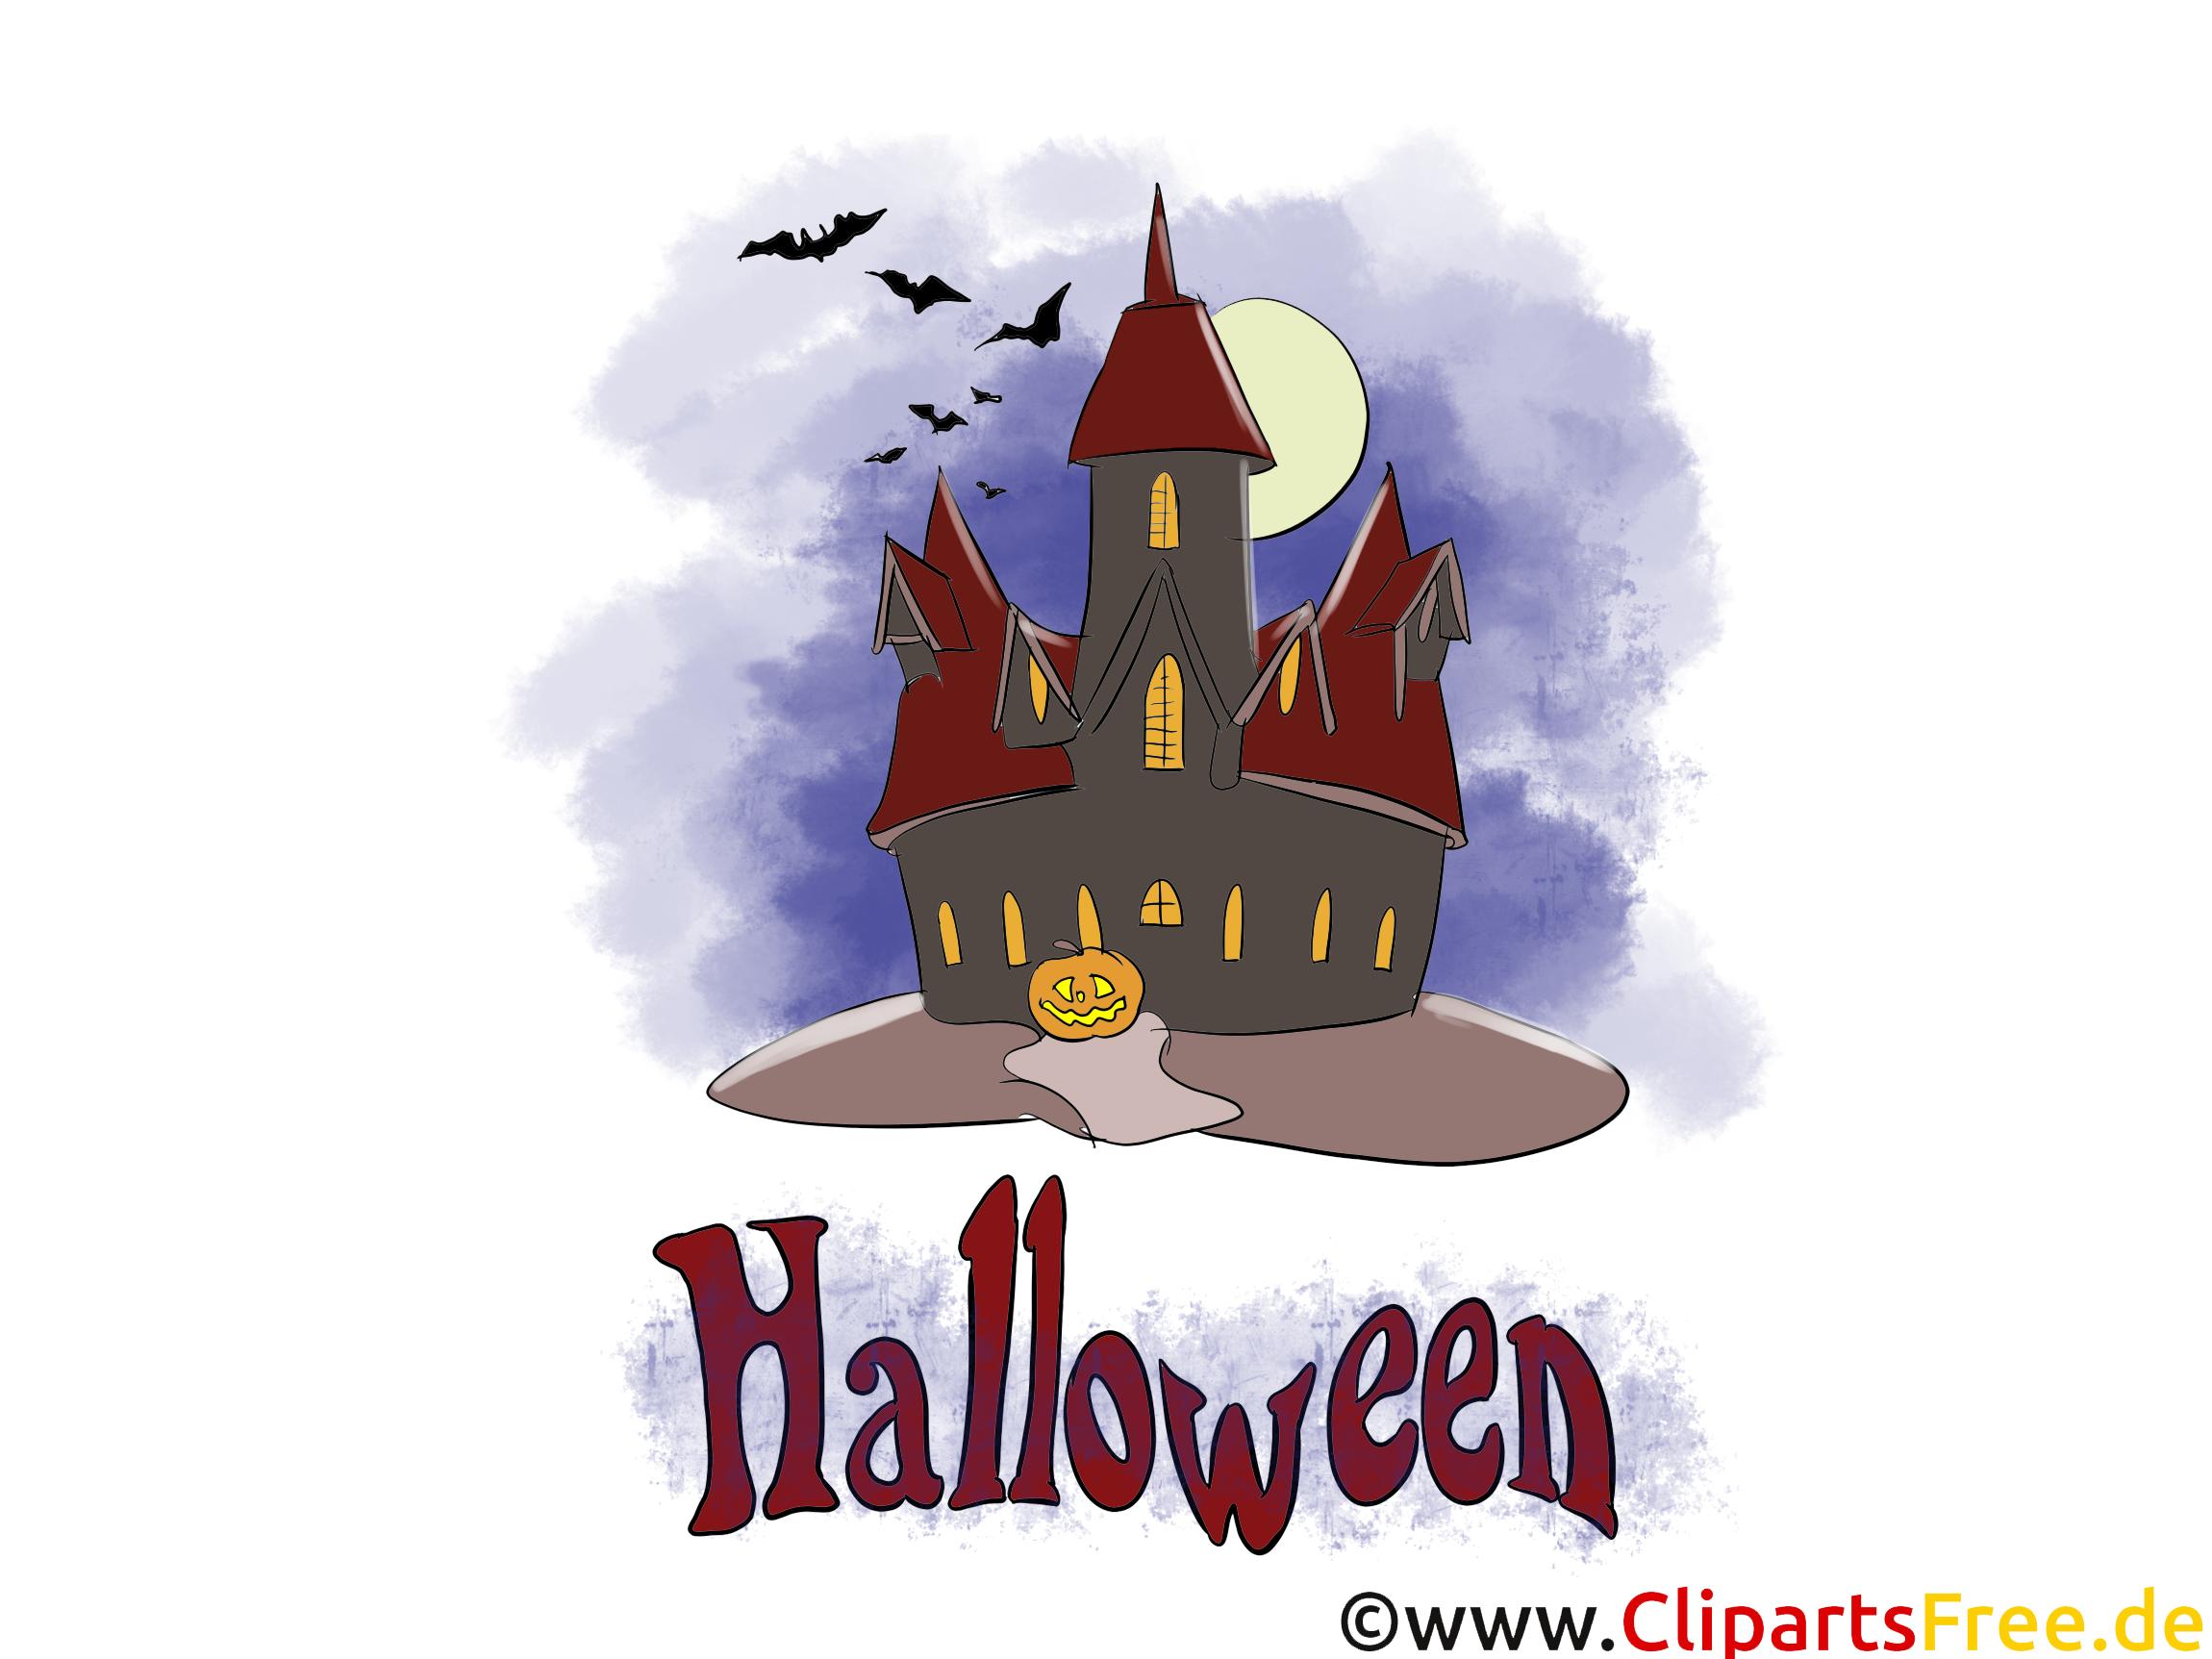 Gruseliger Schloss - Illustrationen, Bilder, Grafiken, Cliparts, Comics, Cartoons zu Halloween